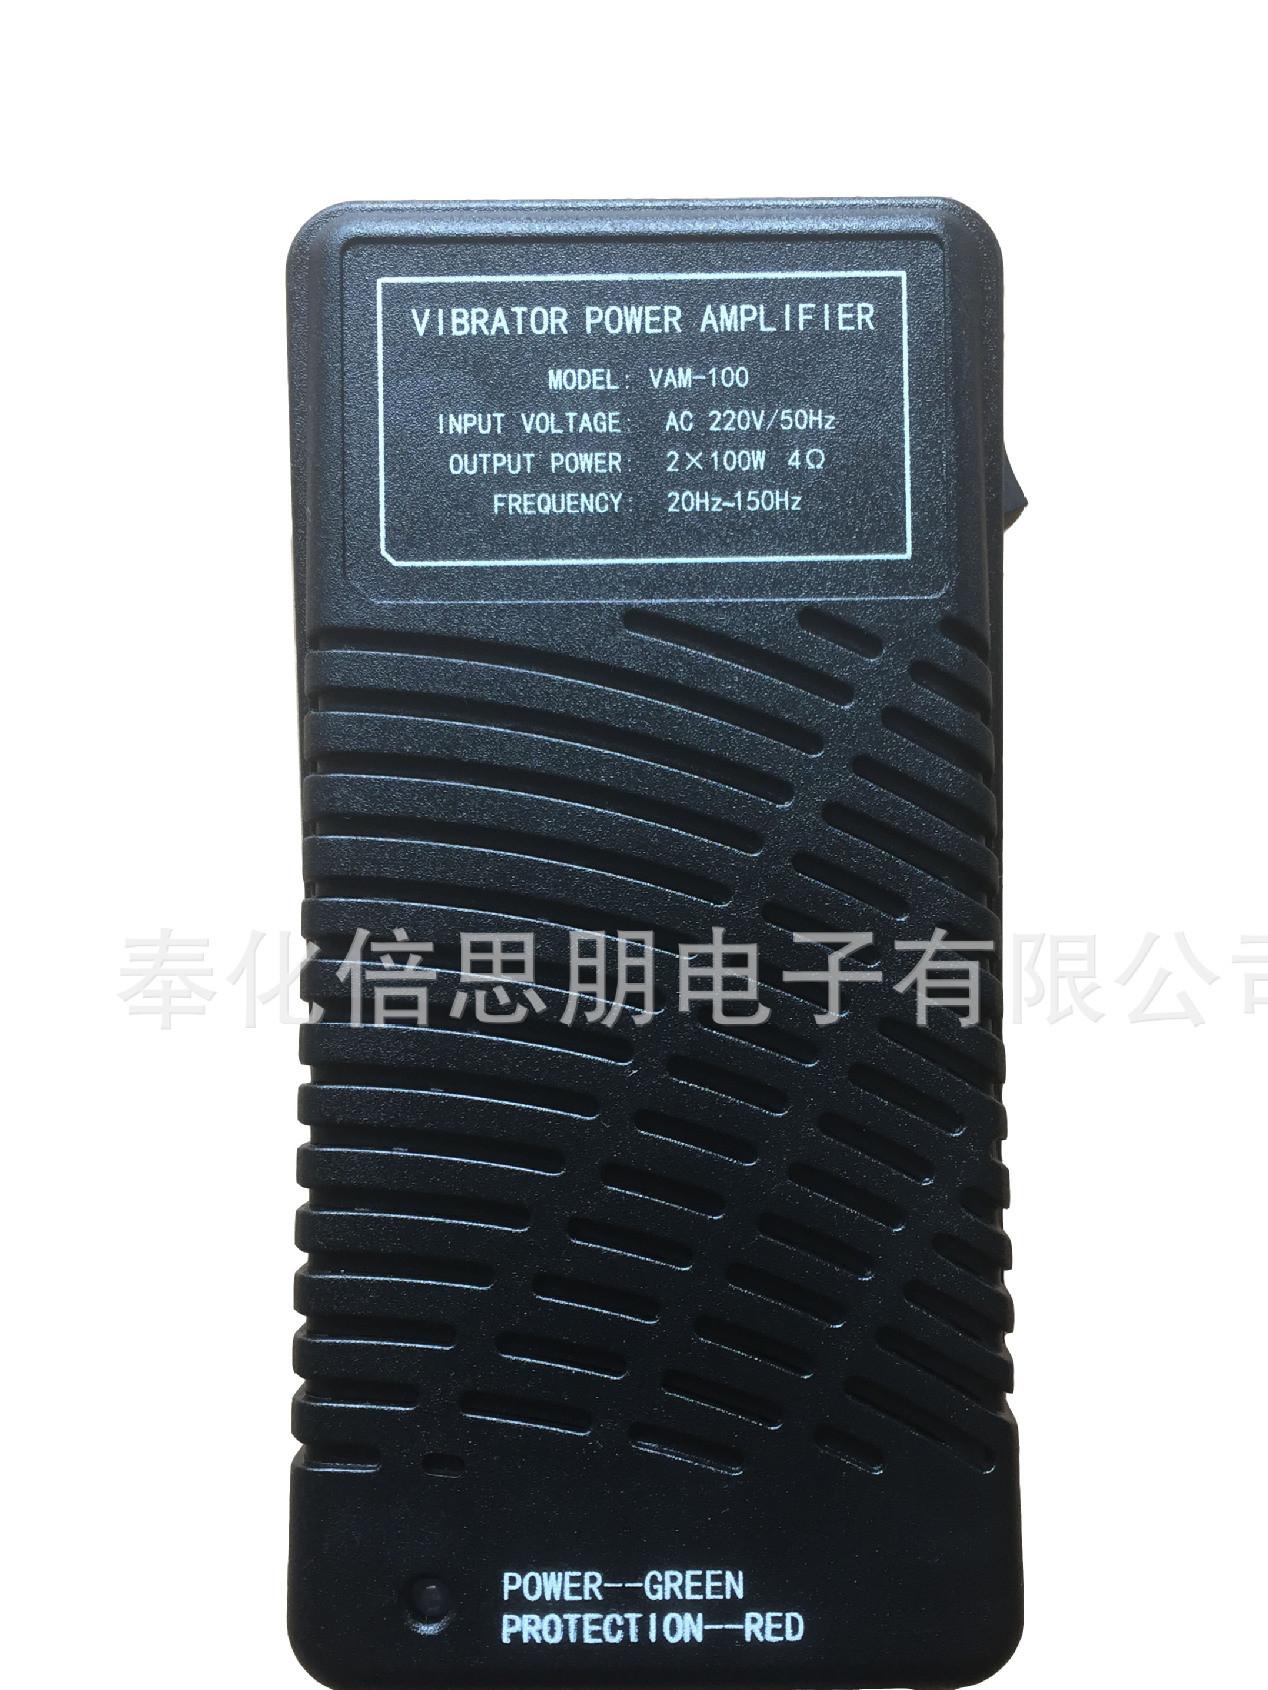 低频音乐振动器 功率放大器 低频音乐扬声器 低频振动喇叭